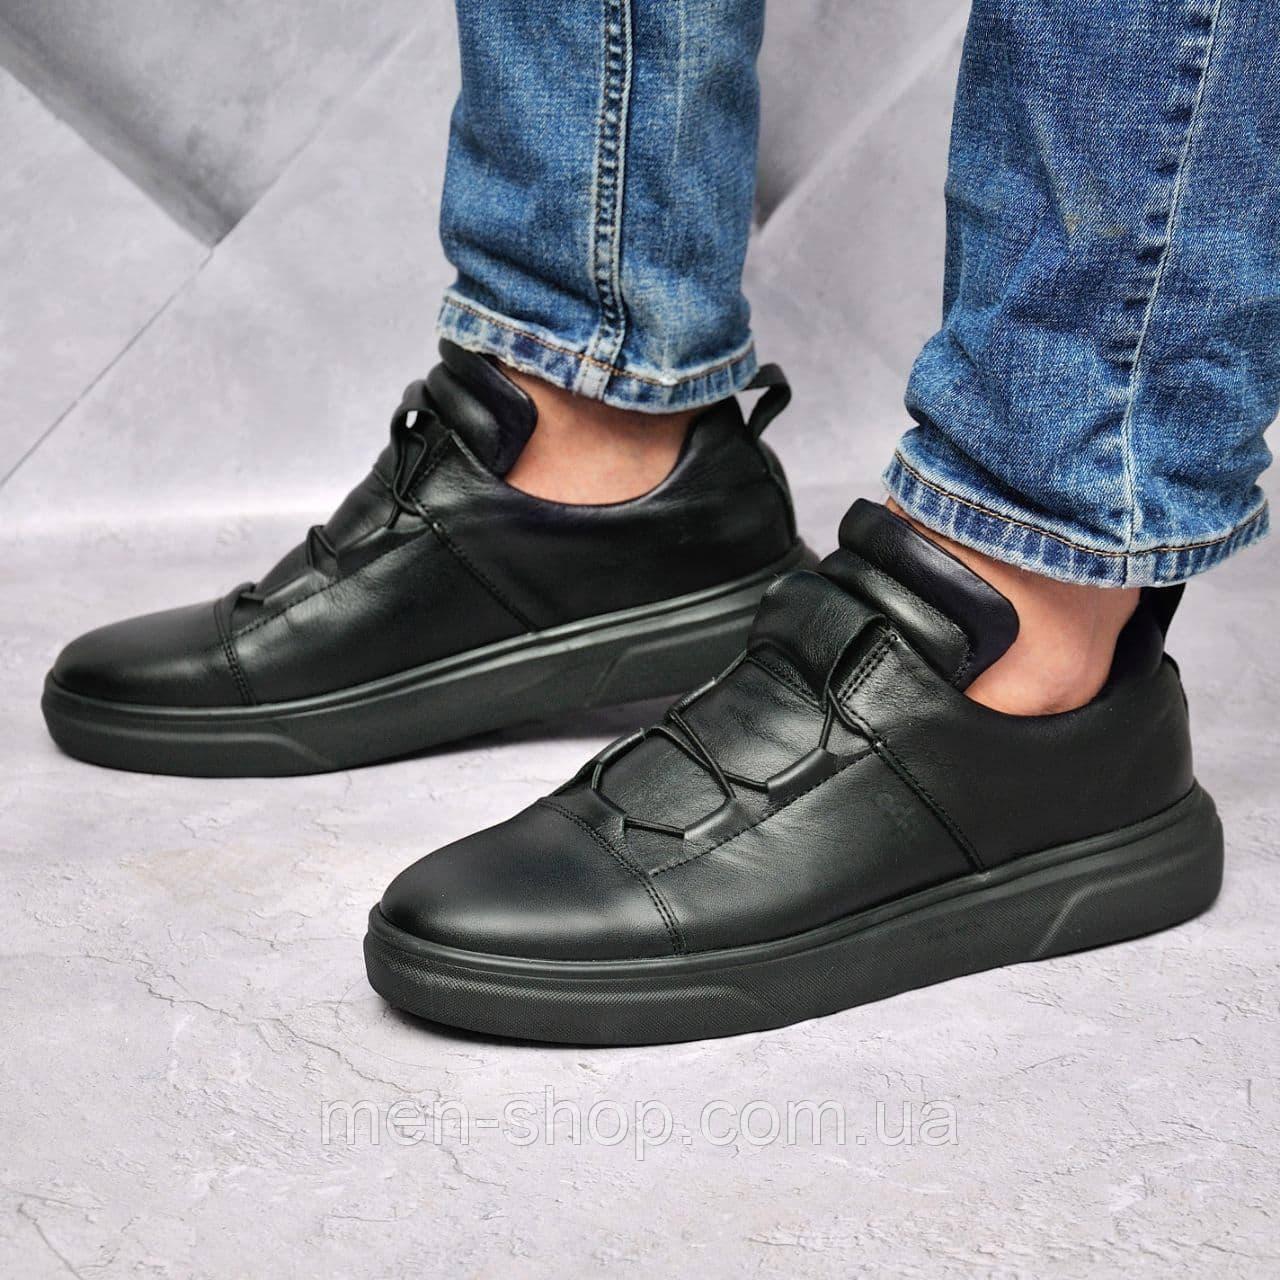 Мужские кожаные кроссовки Edge